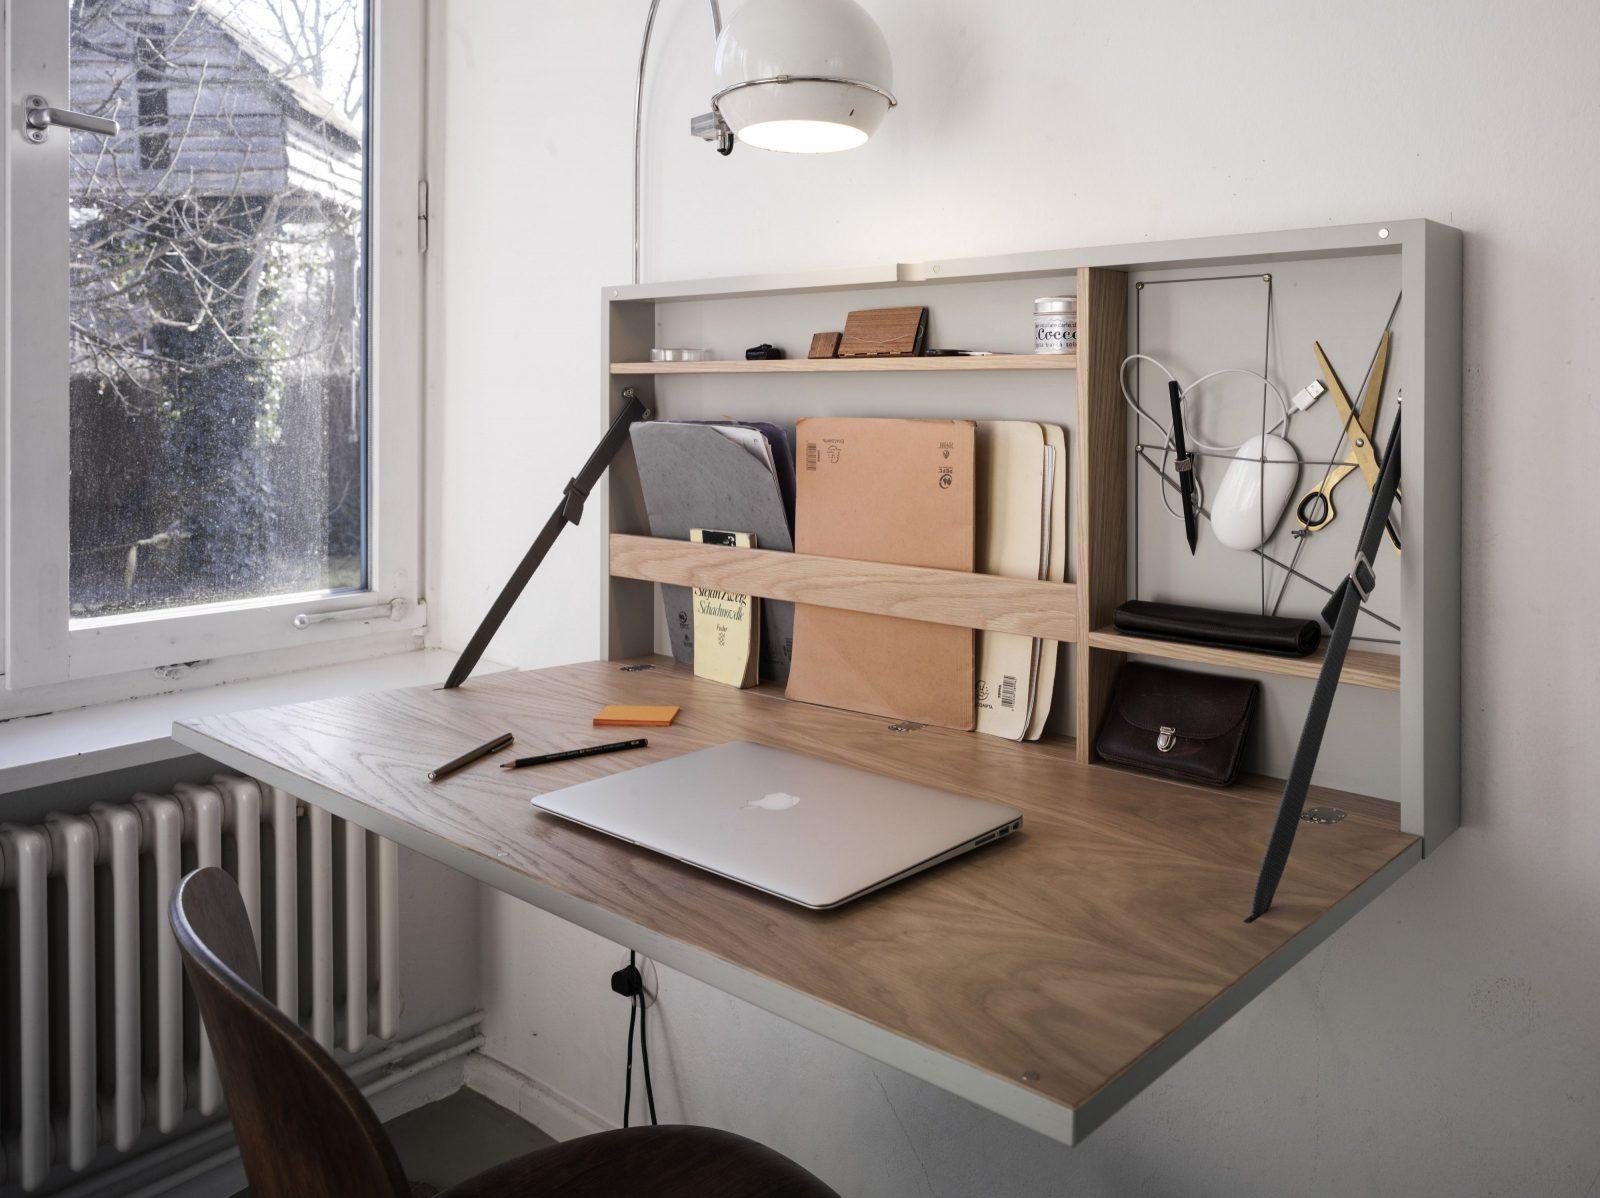 Funktional Geräumig Edeler Schreibtisch Der Platz Spart von Kleine Schreibtische Für Wenig Platz Bild